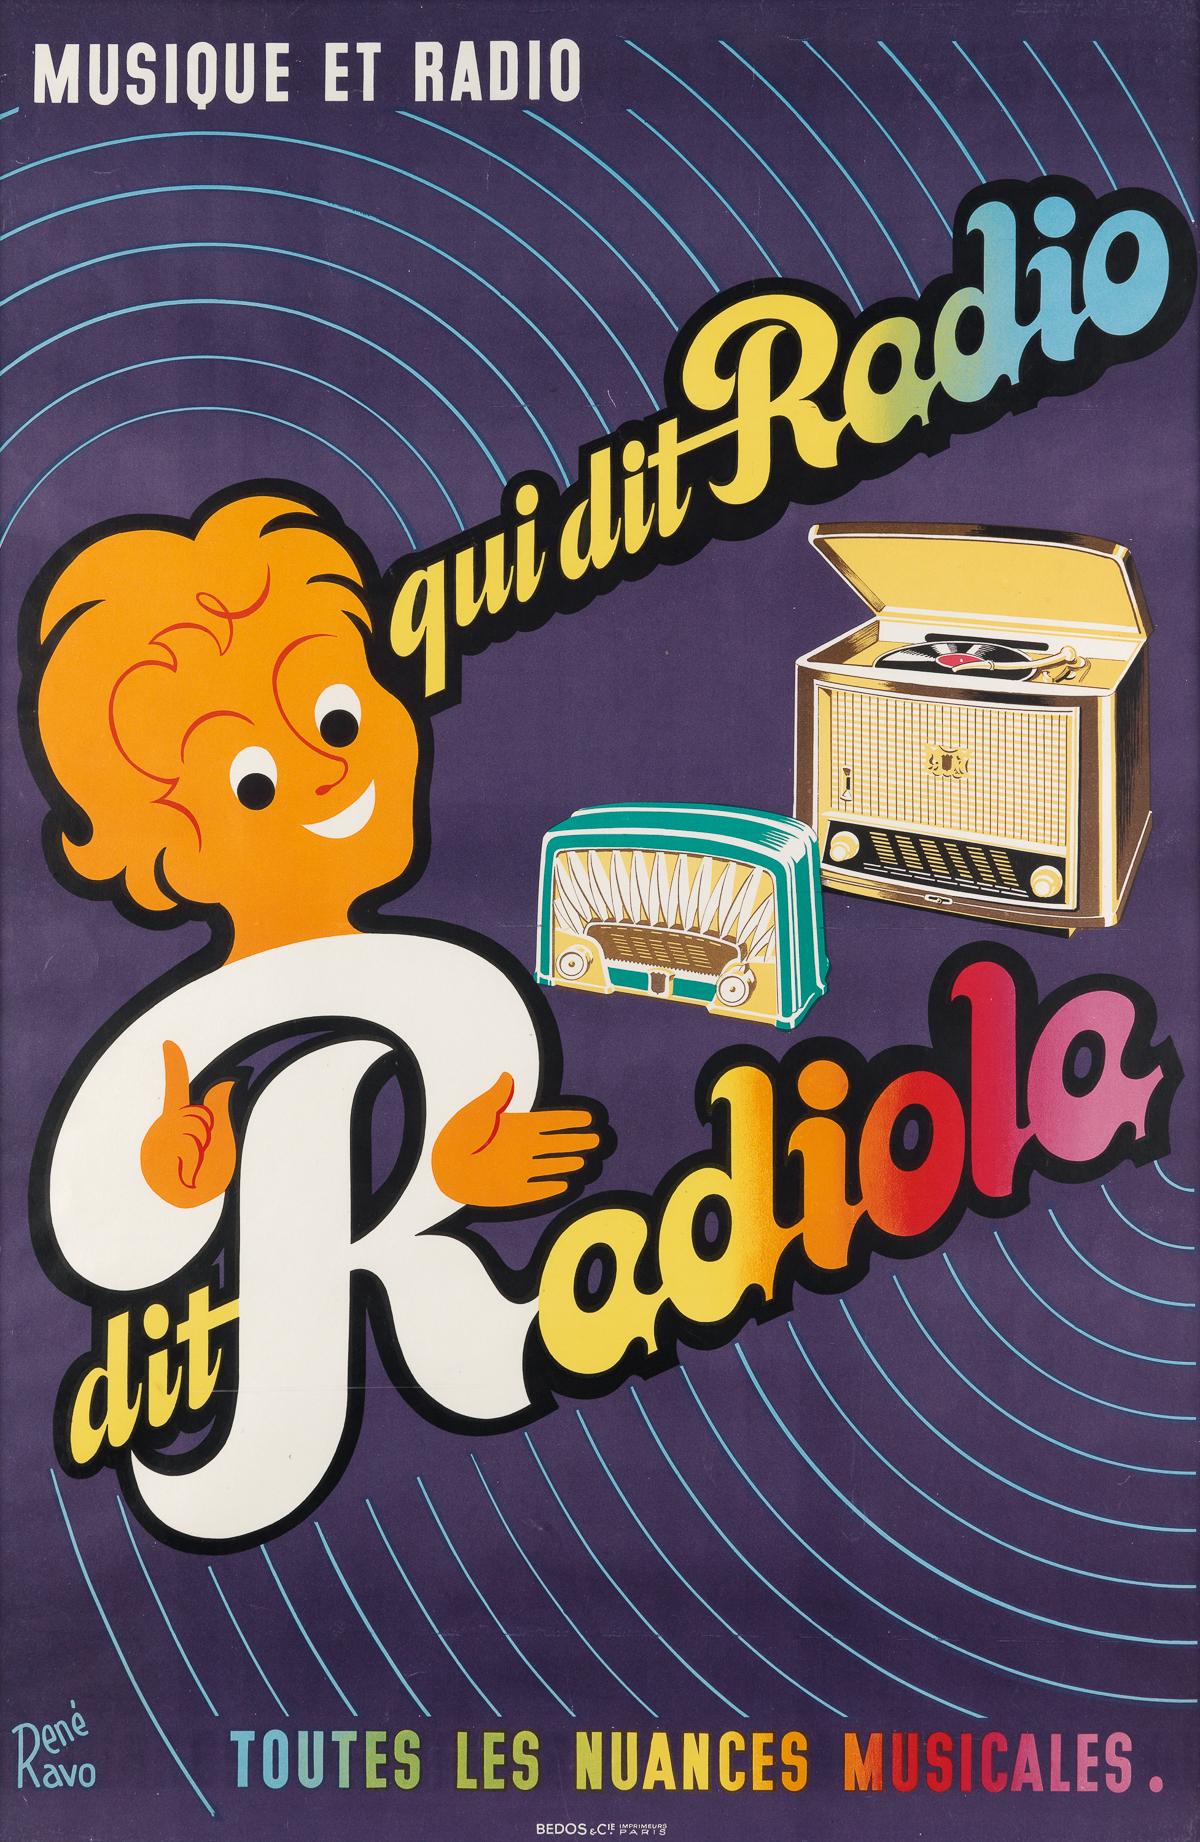 RENÉ-RAVO-(1904-1998)-MUSIQUE-ET-RADIO--QUI-DIT-RADIO-DIT-RA